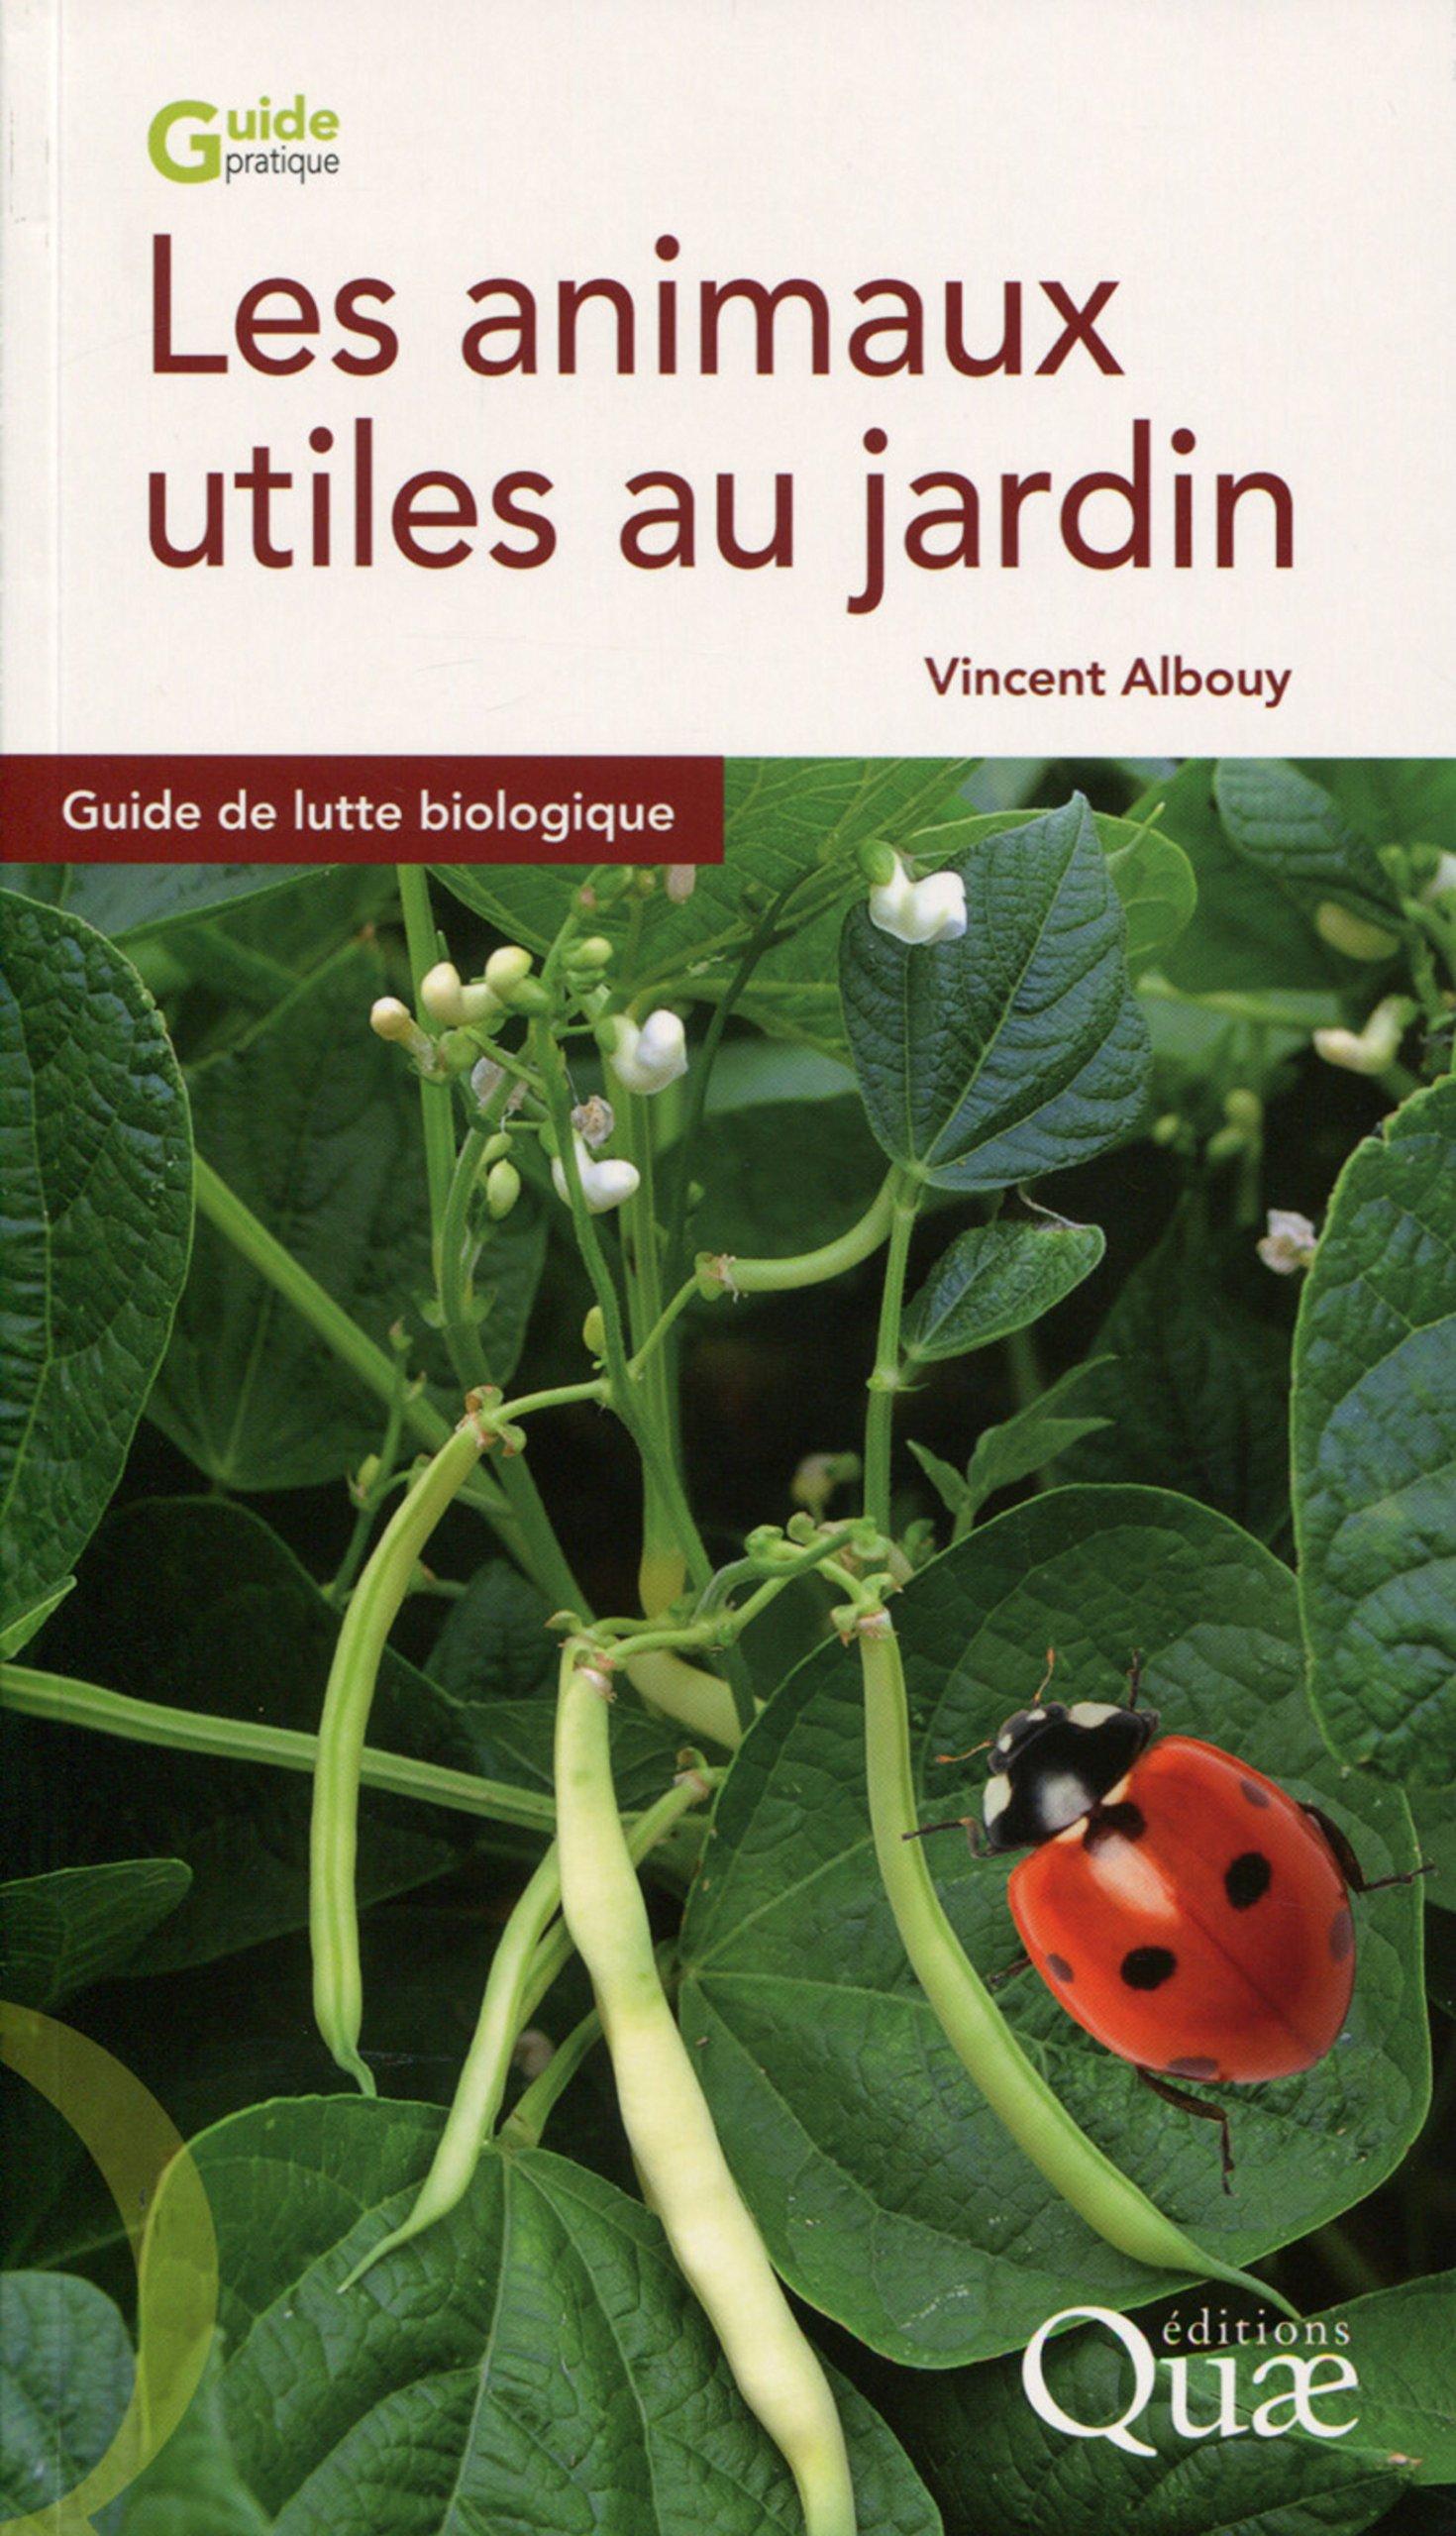 TELECHARGER MAGAZINE Les animaux utiles au jardin (2017) : Guide de lutte biologique